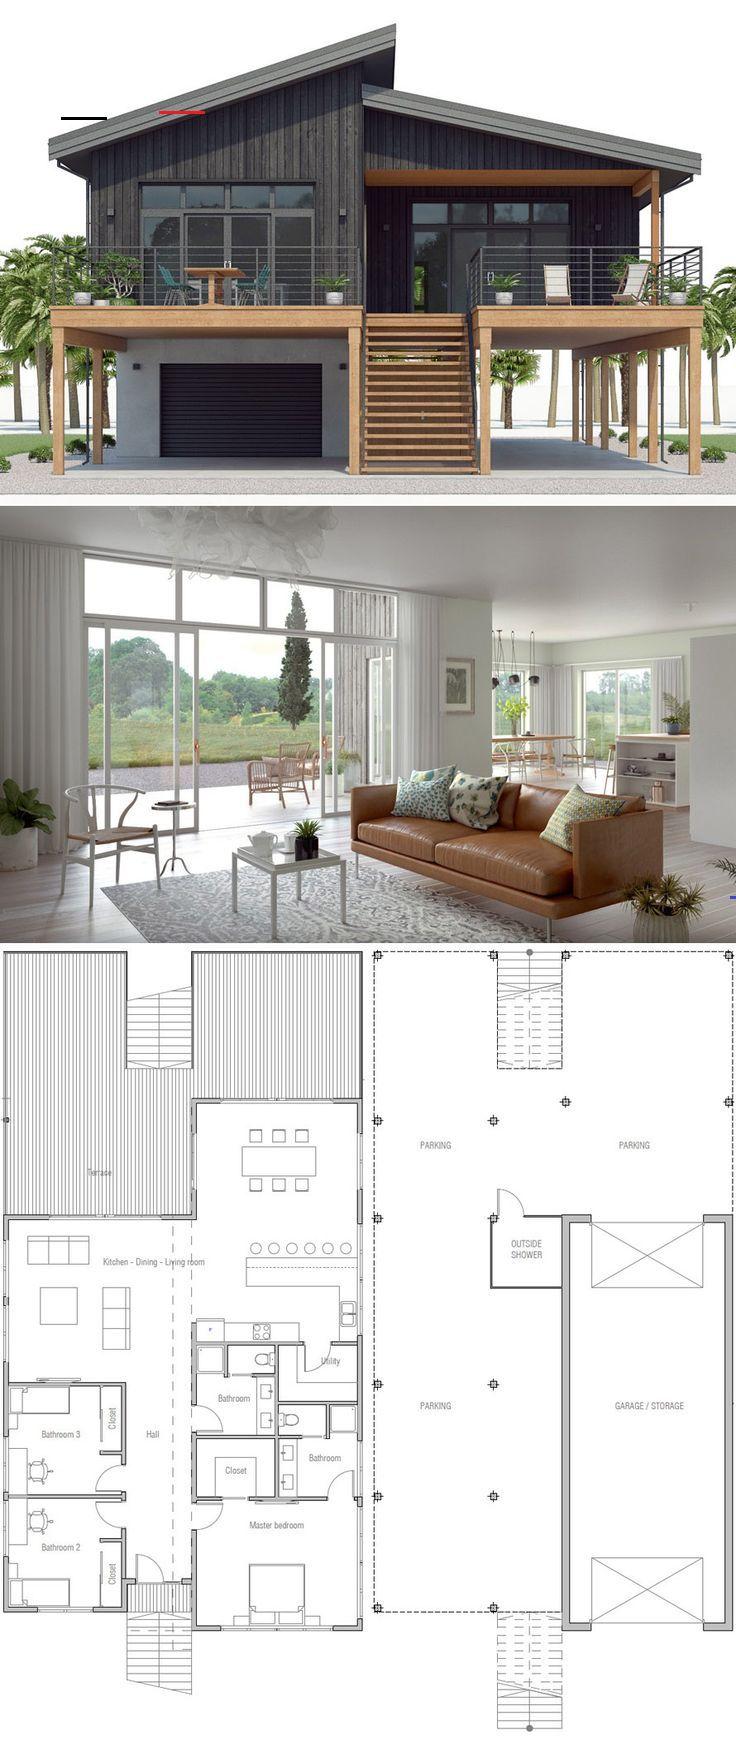 House Plan CH539 Plan de Maison, Maisons, House desgins #homedecor #housedesign #architecture #plandemaison #maisons<br>